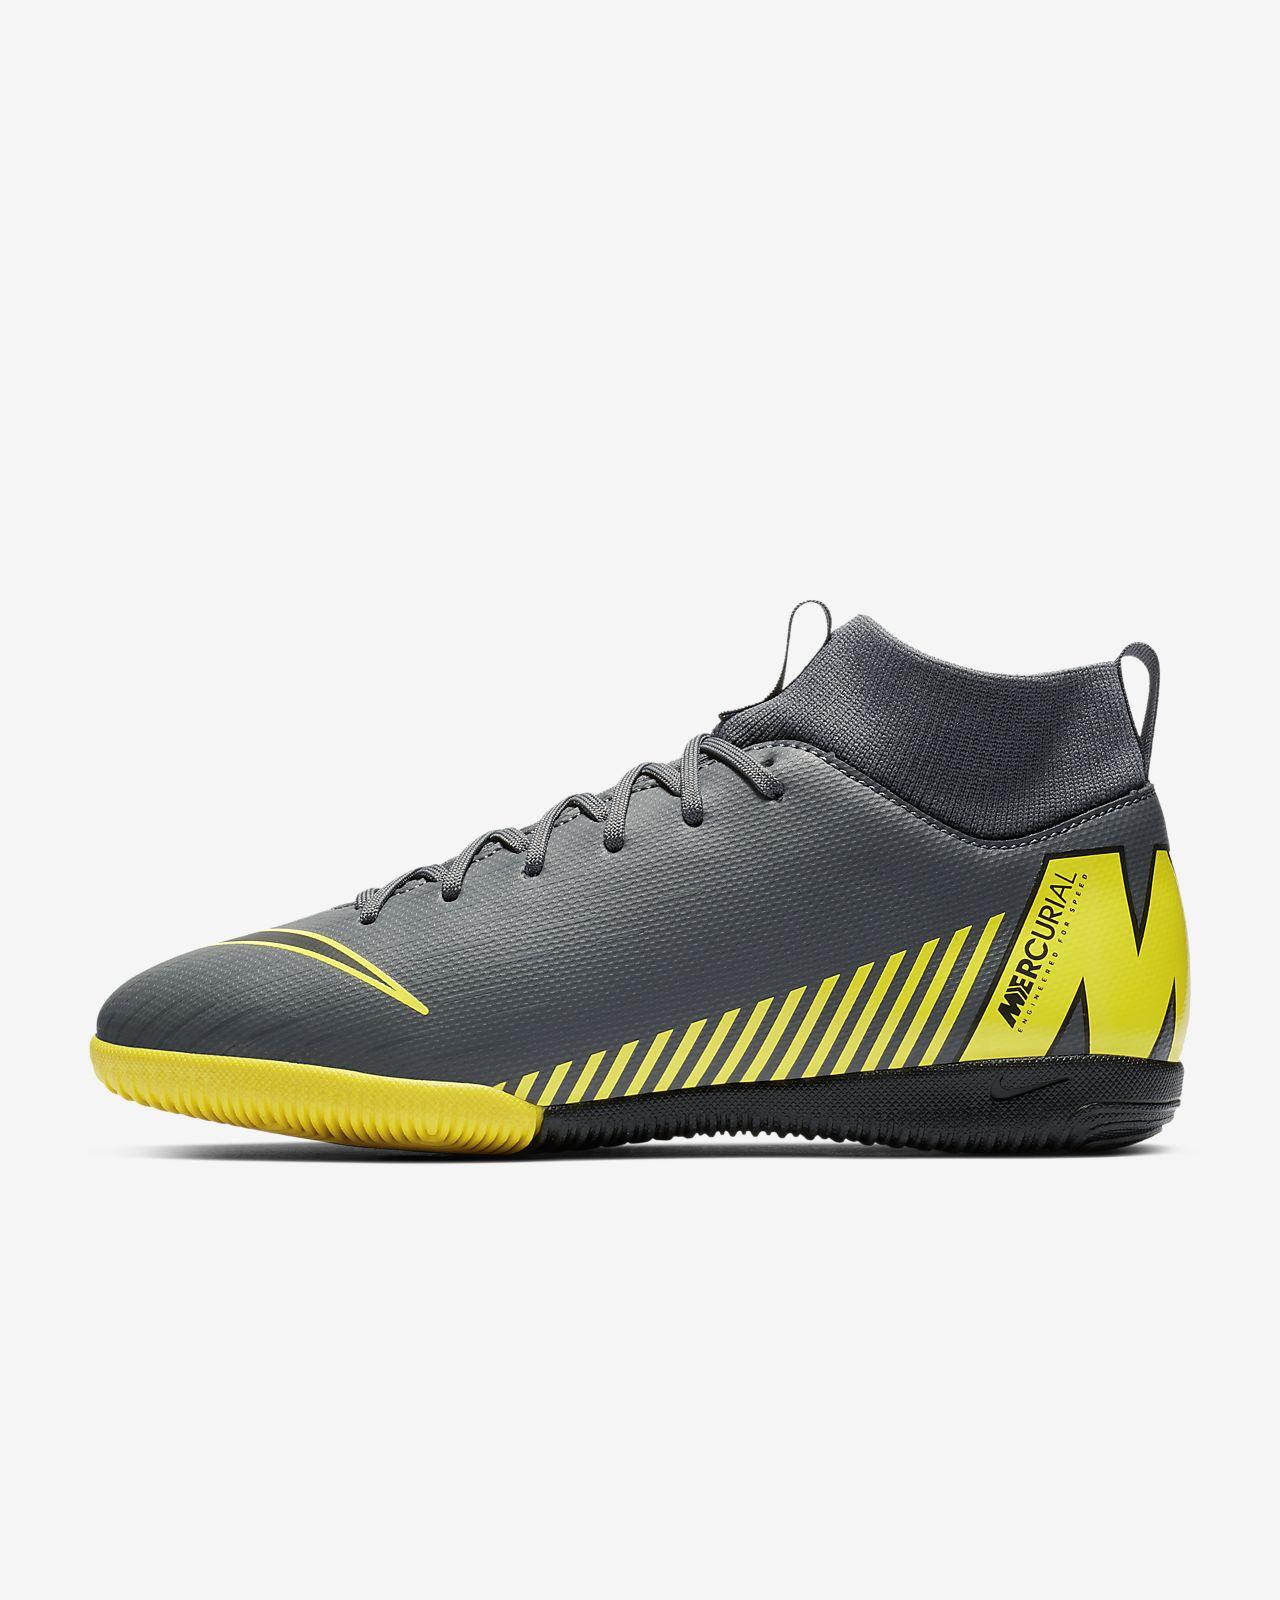 Ποδοσφαιρικό παπούτσι για κλειστά γήπεδα Nike Jr. SuperflyX 6 Academy IC για μικρά/μεγάλα παιδιά